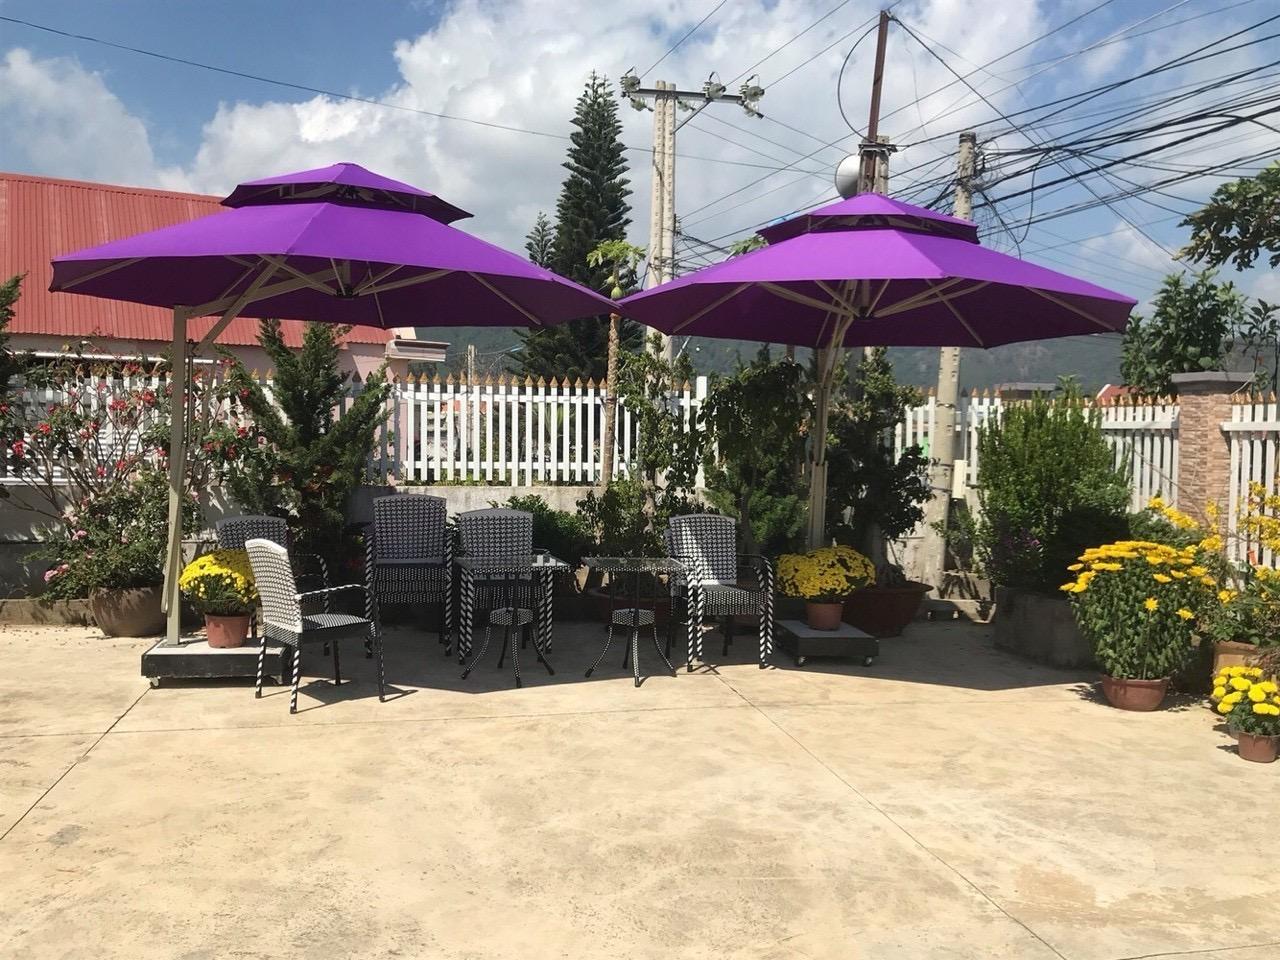 Xưởng sản xuất dù cafe che nắng - nội thất Nguyễn hoàng